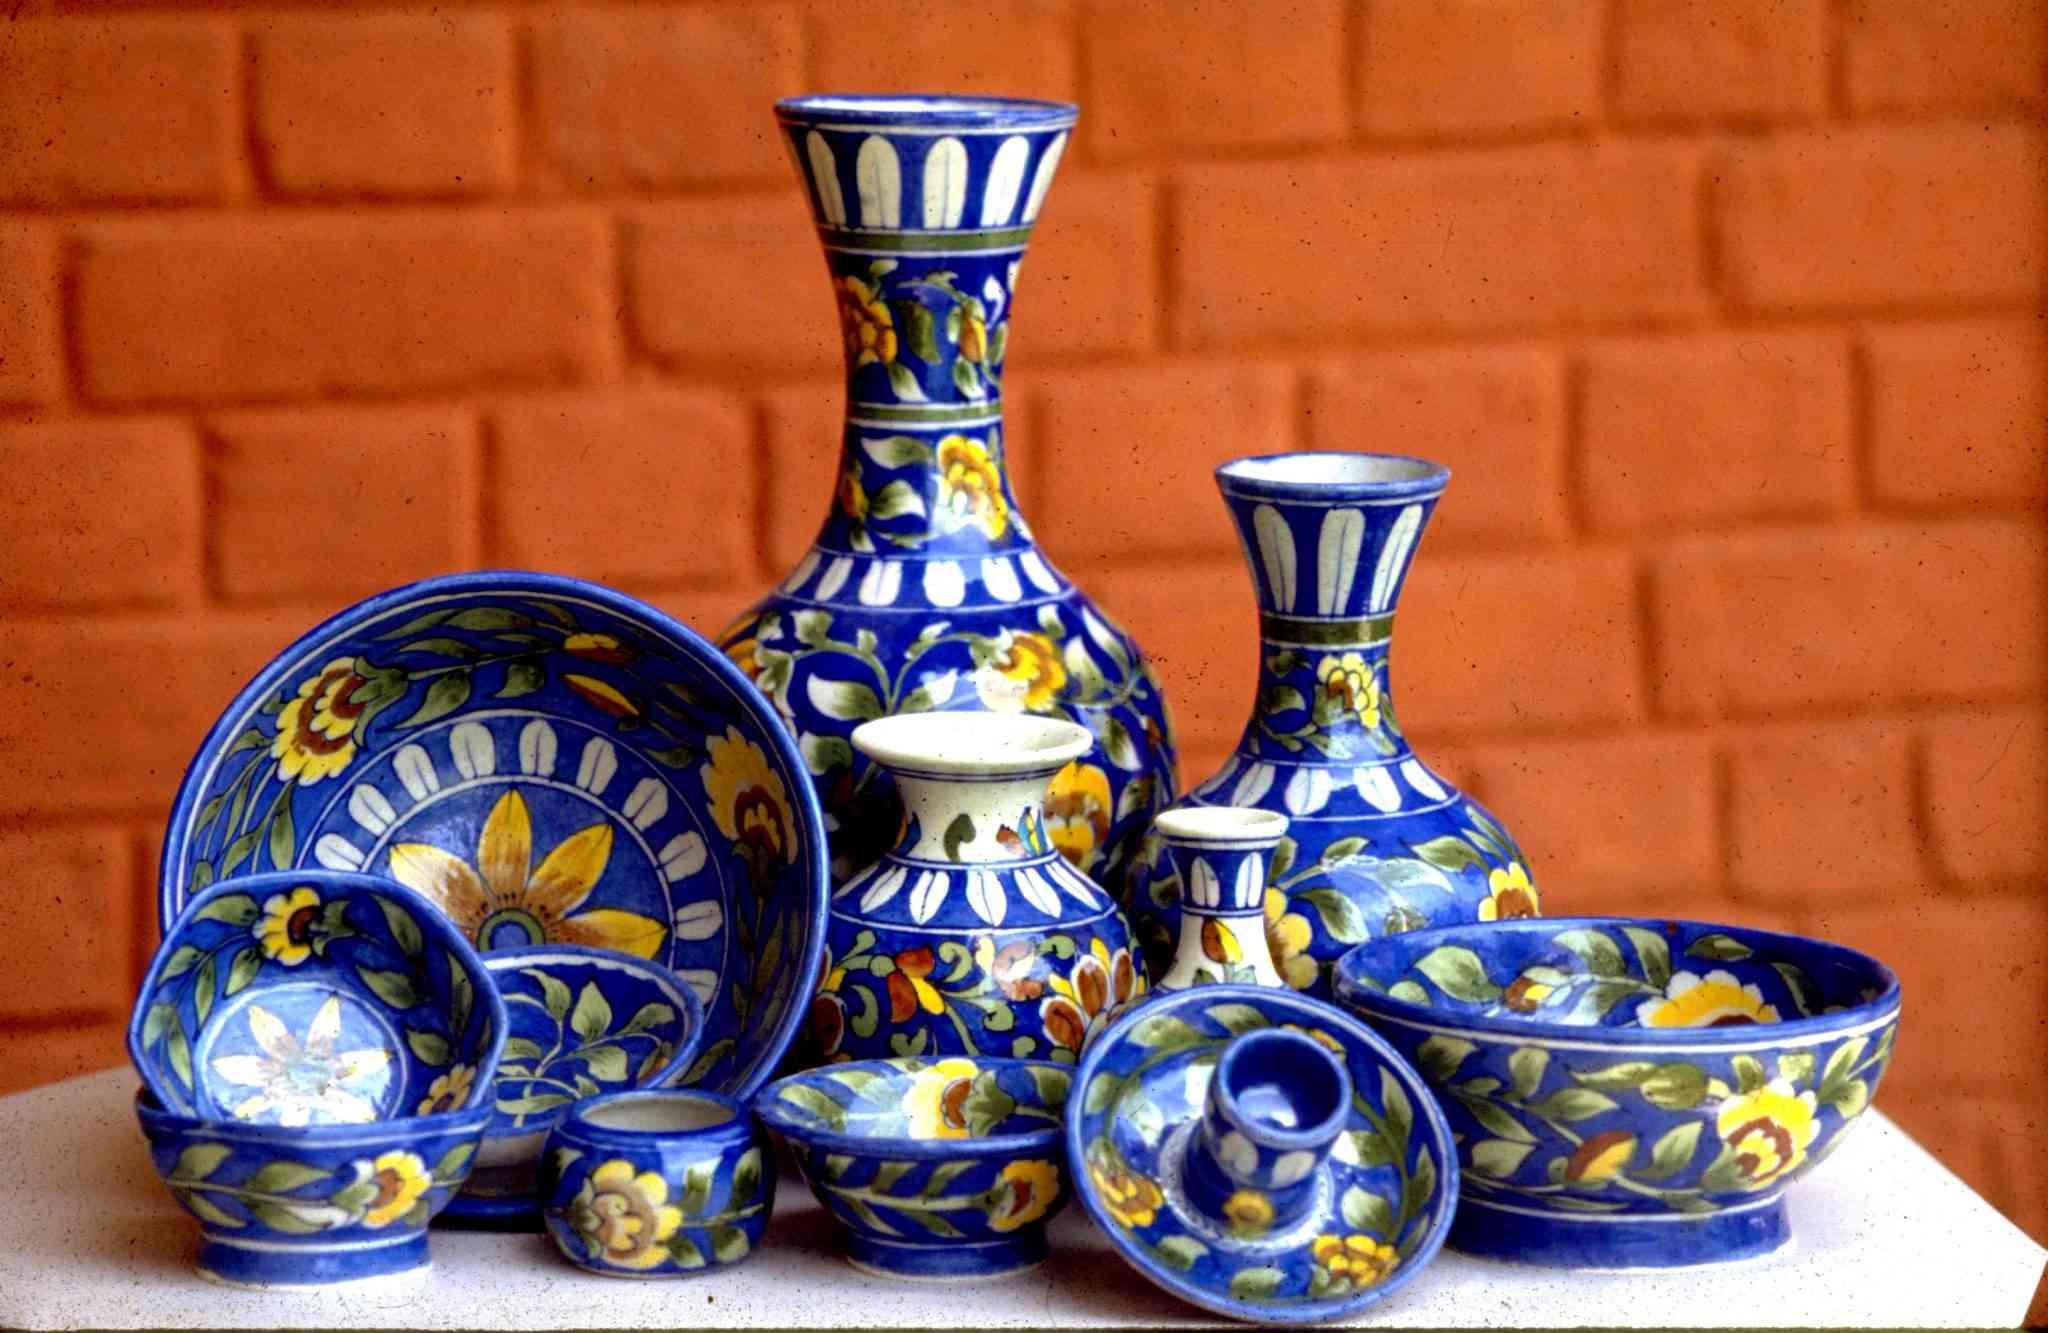 Blue Pottery Utensils